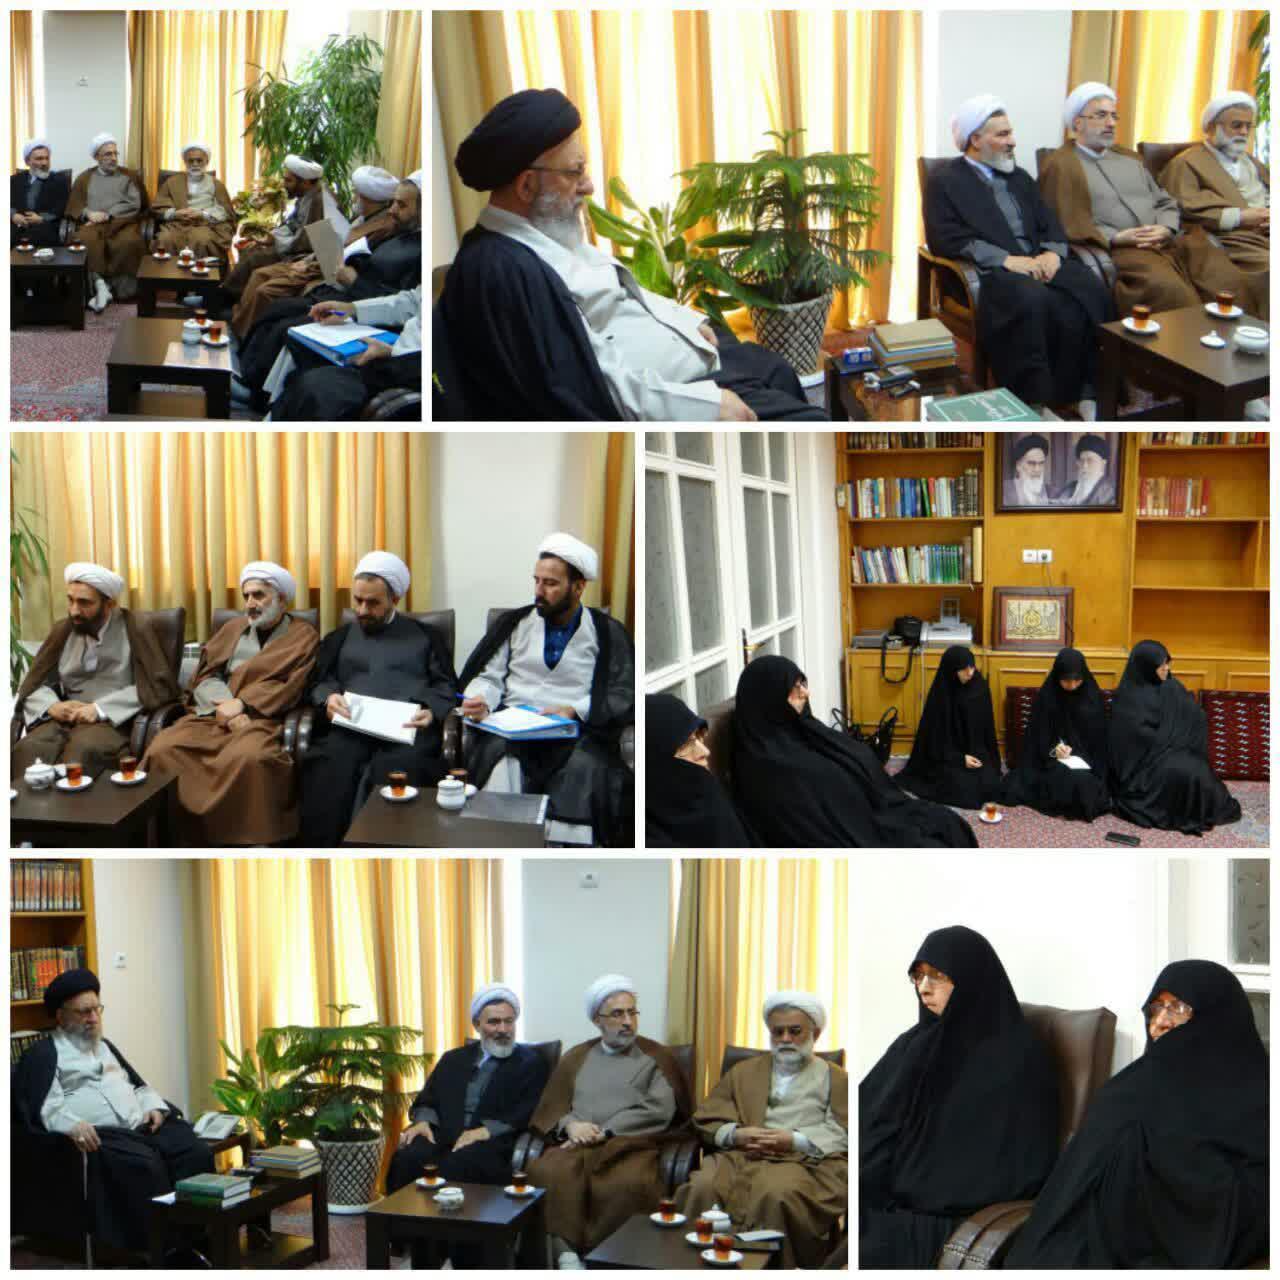 جلسه شورای نهادهای حوزوی با حضور مدیر حوزه های علمیه خواهران کشور در گرگان برگزار شد